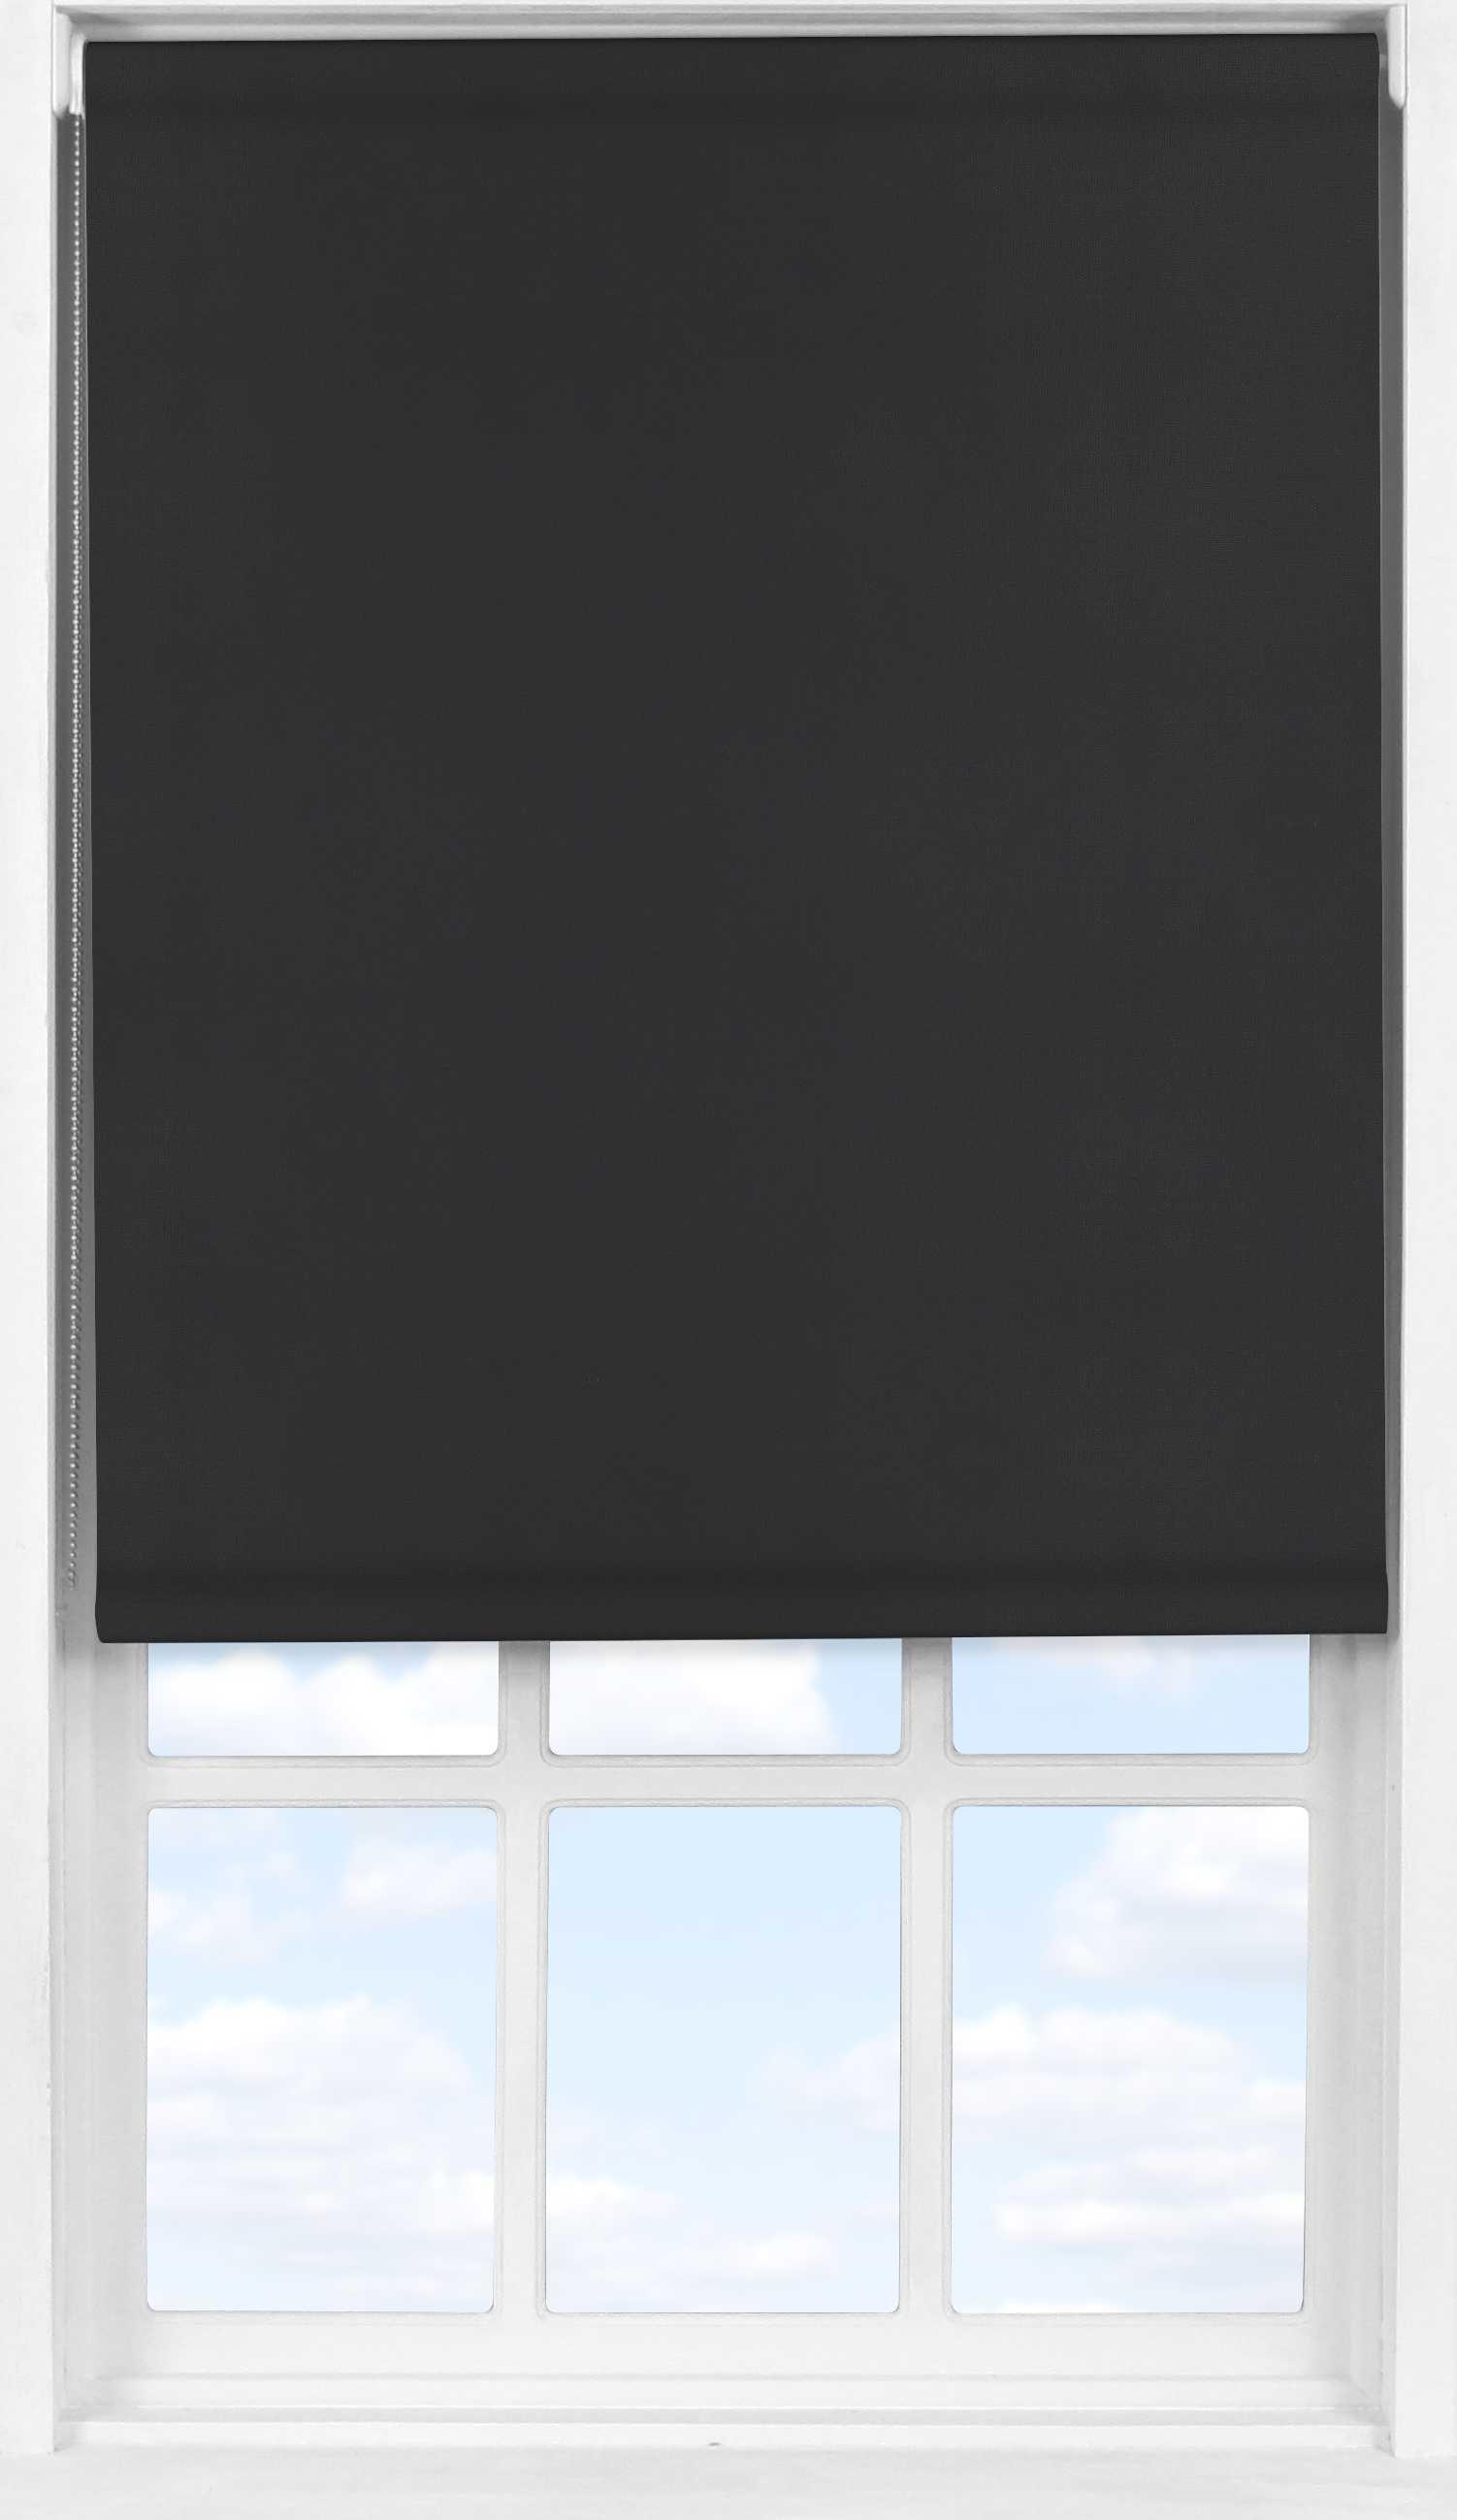 Easifit Roller Blind in PVC Black Ink